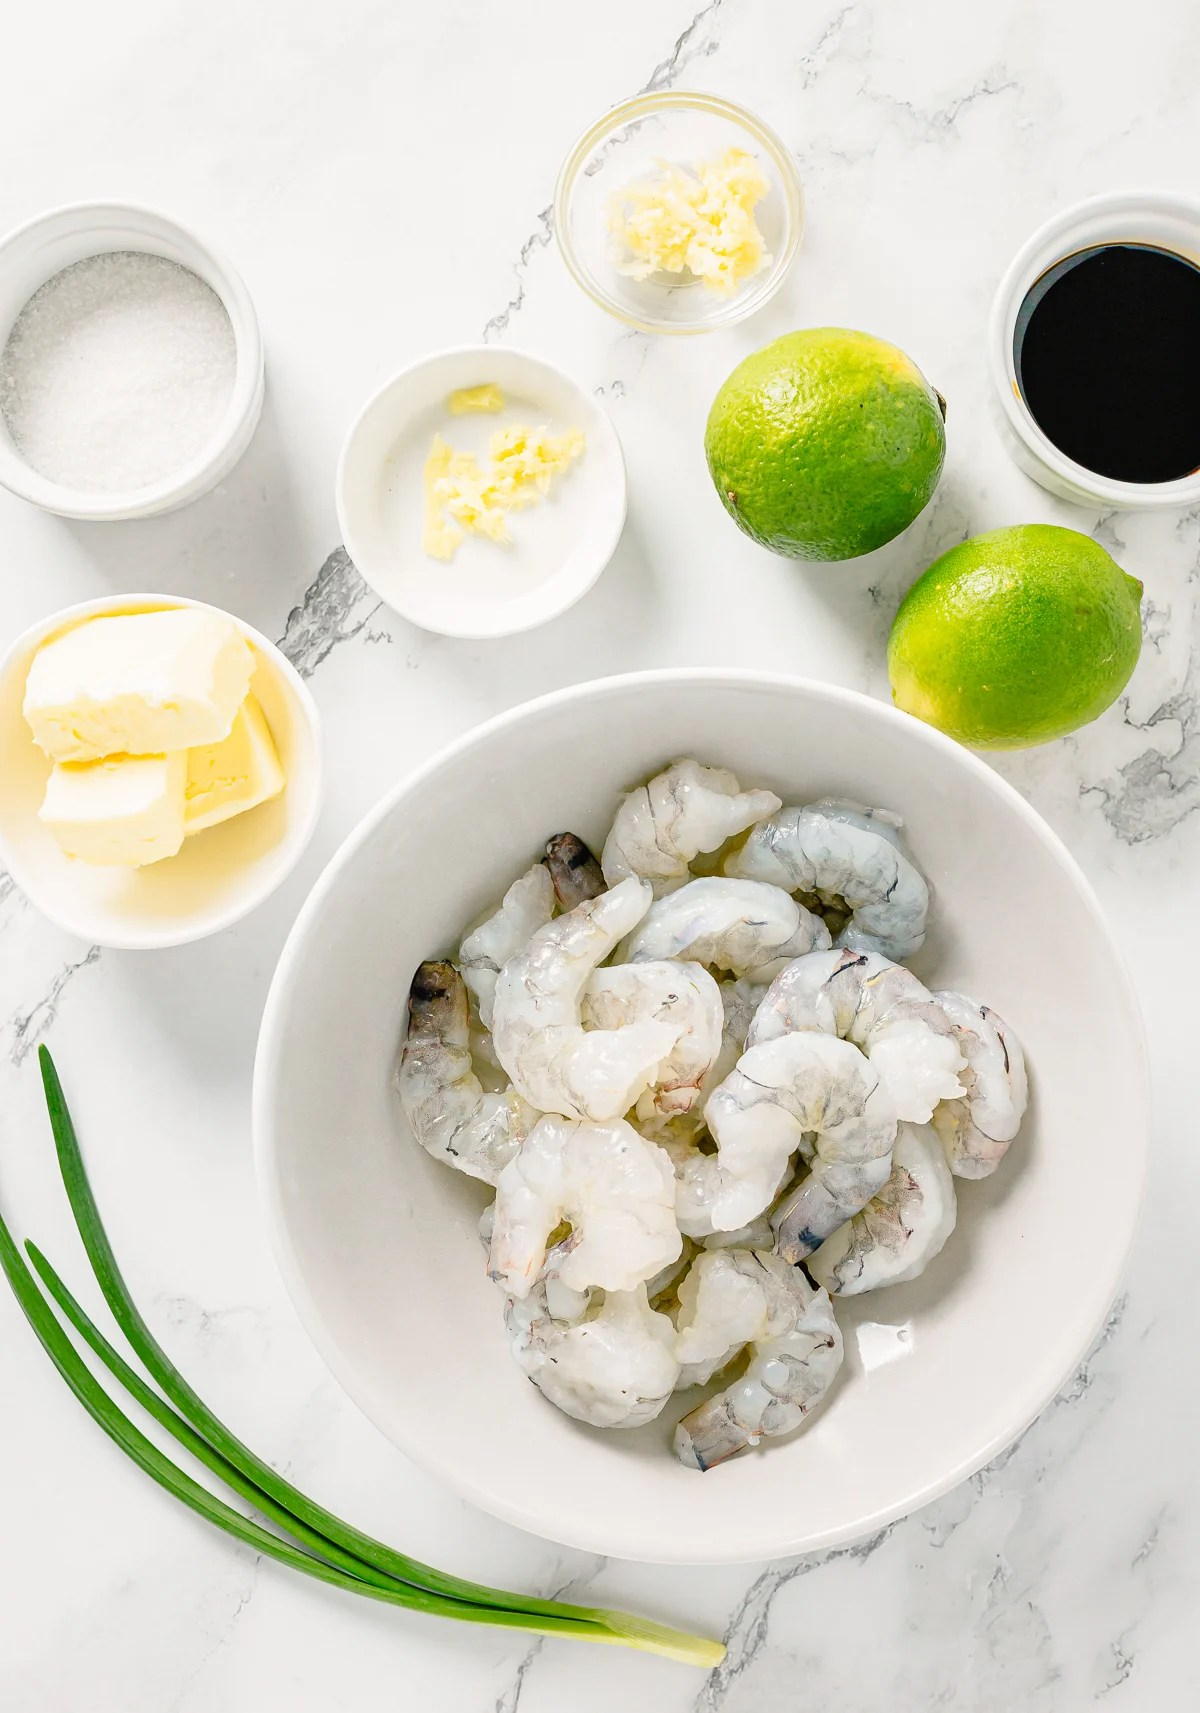 Ingredients needed to make Shrimp Skewers